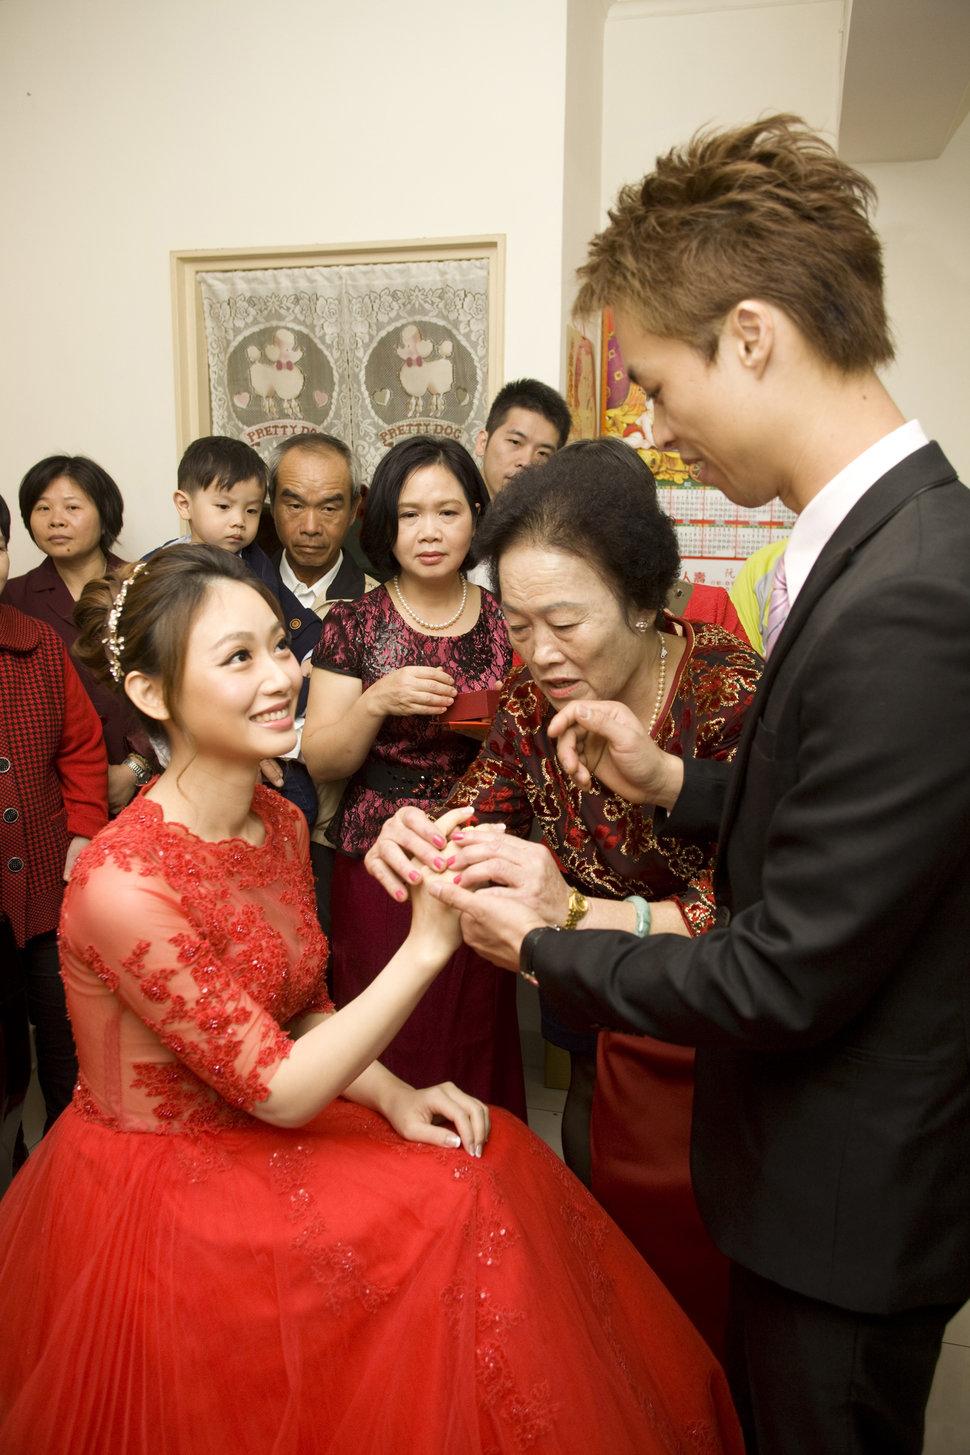 蓓麗宛婚禮時尚(編號:541447) - 蓓麗宛婚禮時尚 - 結婚吧